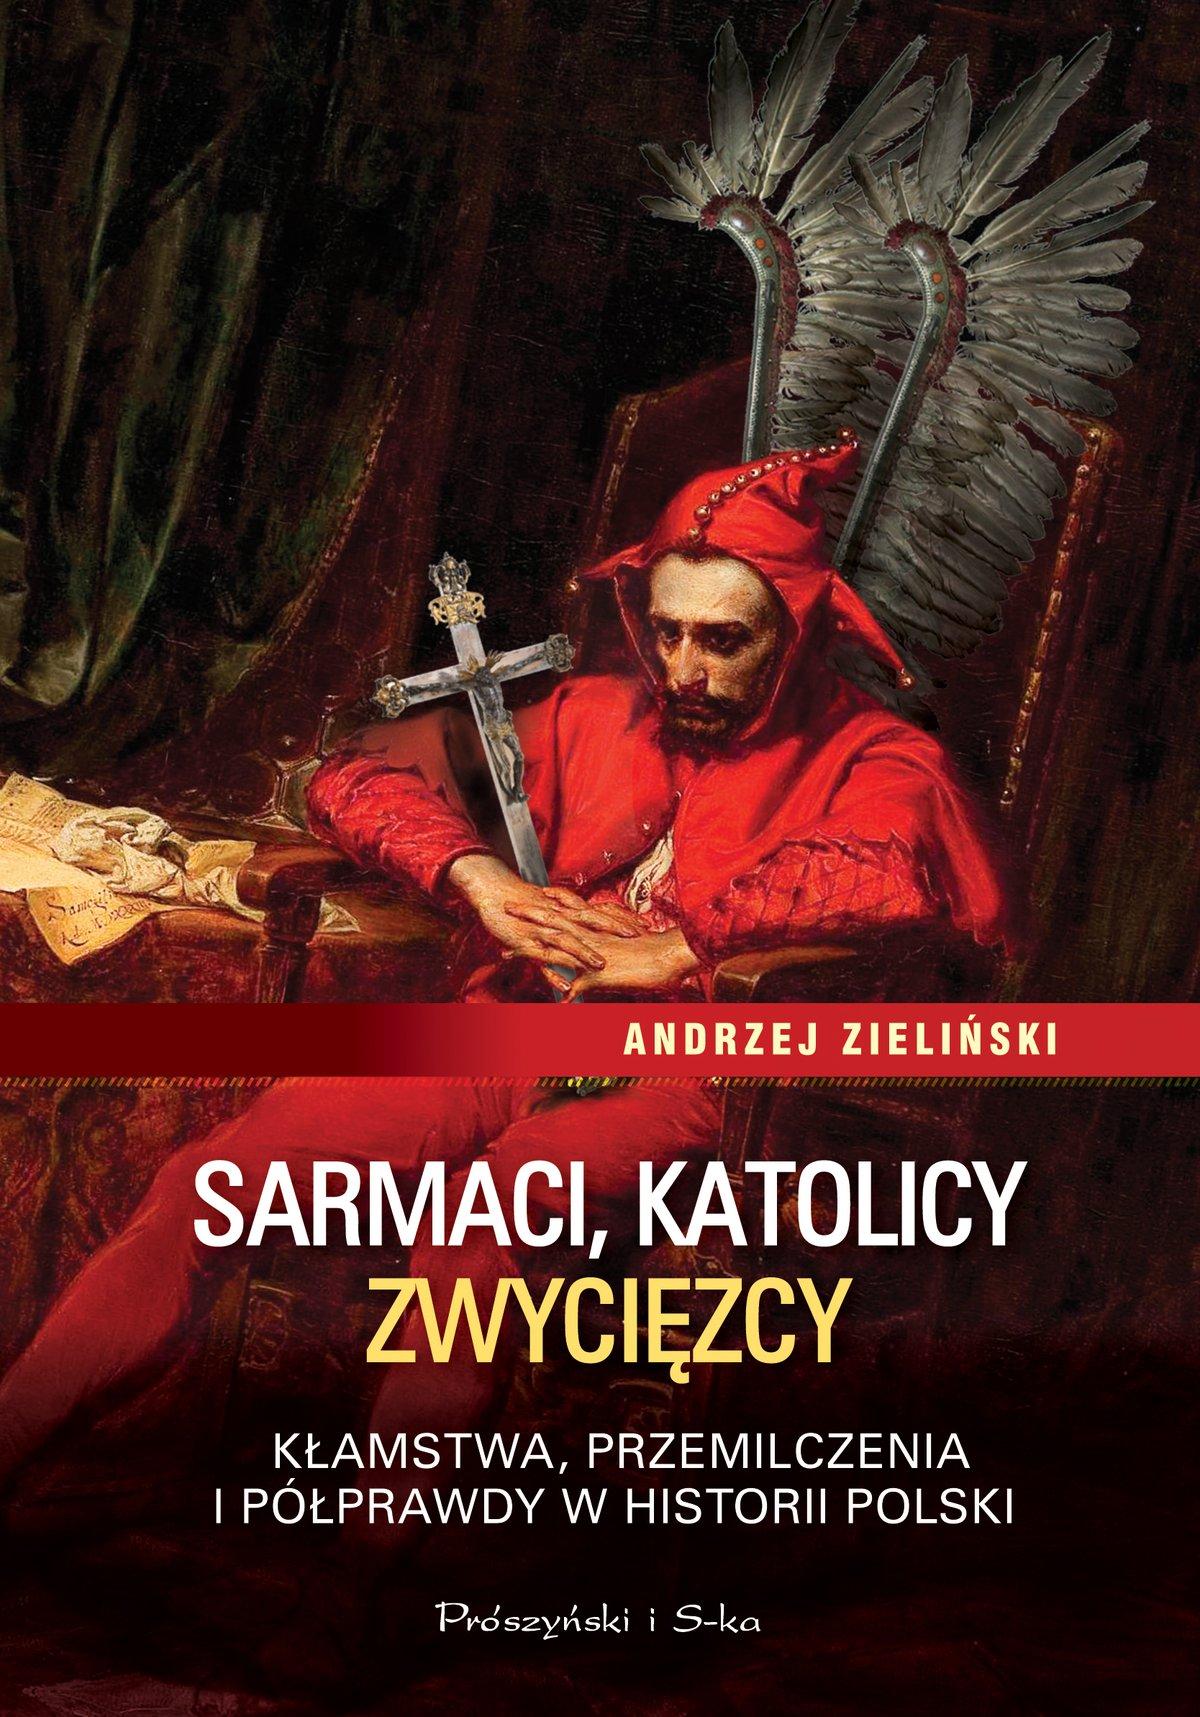 Sarmaci, katolicy, zwycięzcy. Kłamstwa, przemilczenia i półprawdy w historii Polski - Ebook (Książka EPUB) do pobrania w formacie EPUB